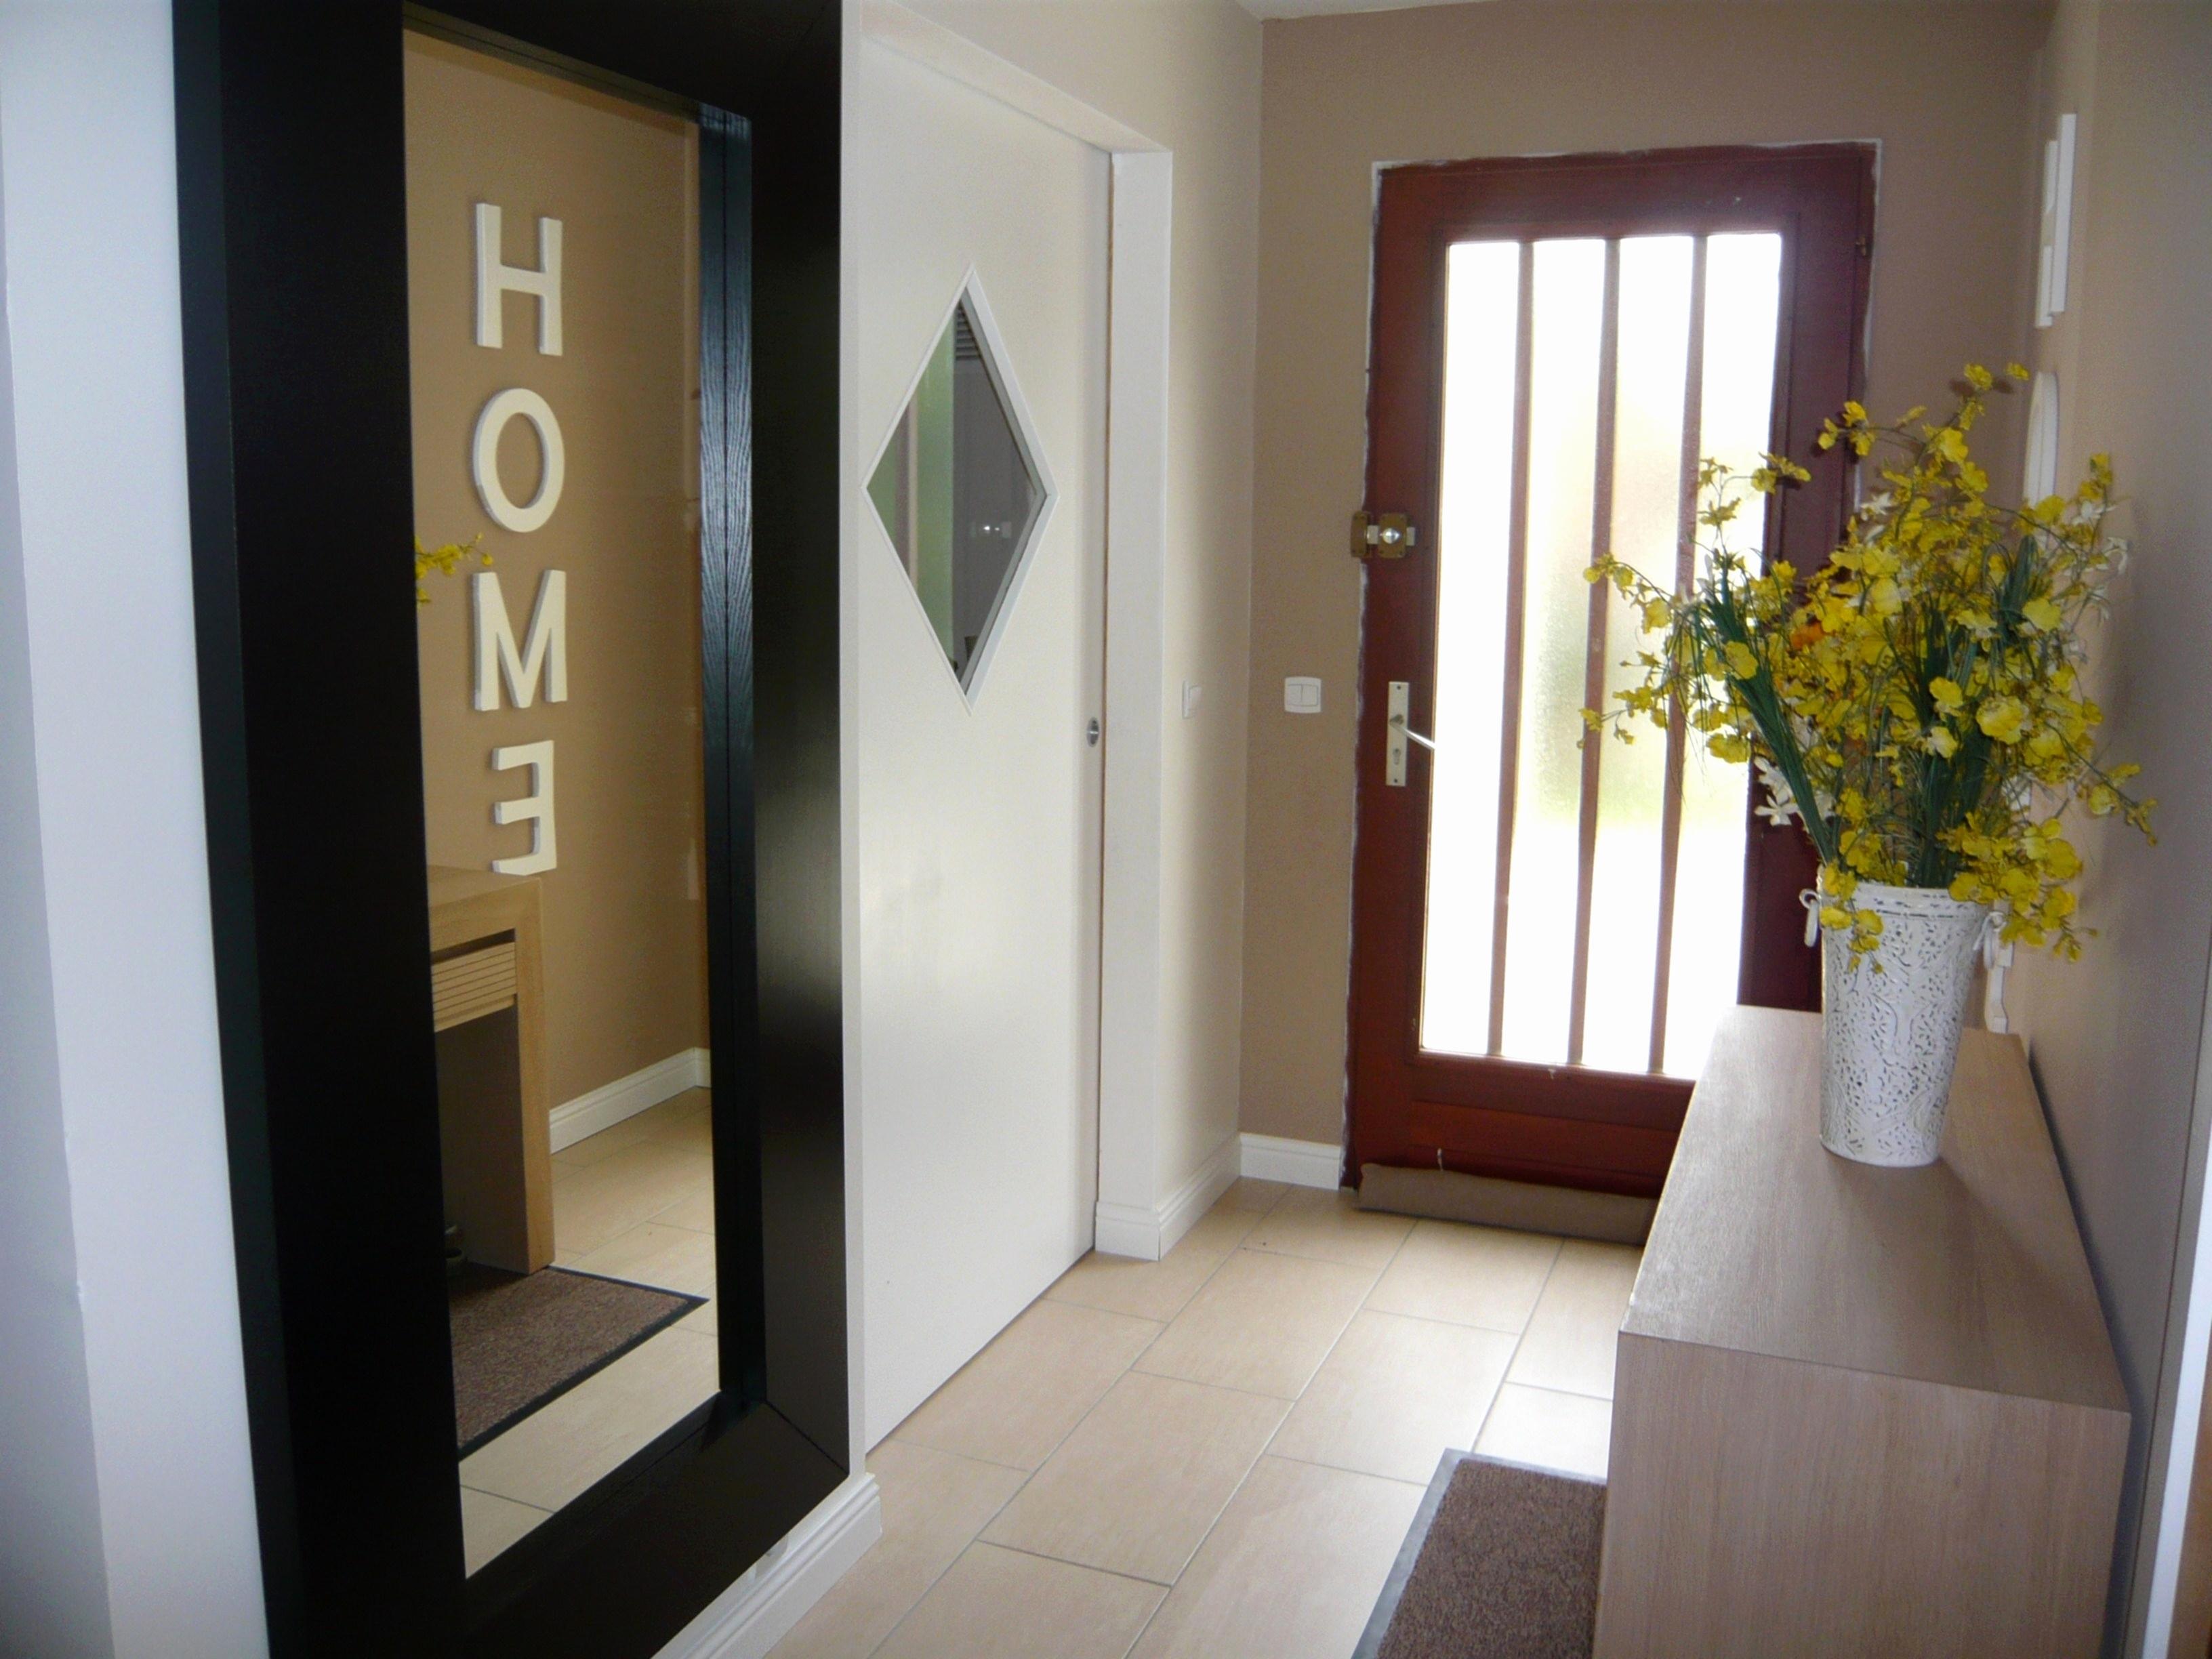 lisse optima leroy merlin altoservices. Black Bedroom Furniture Sets. Home Design Ideas